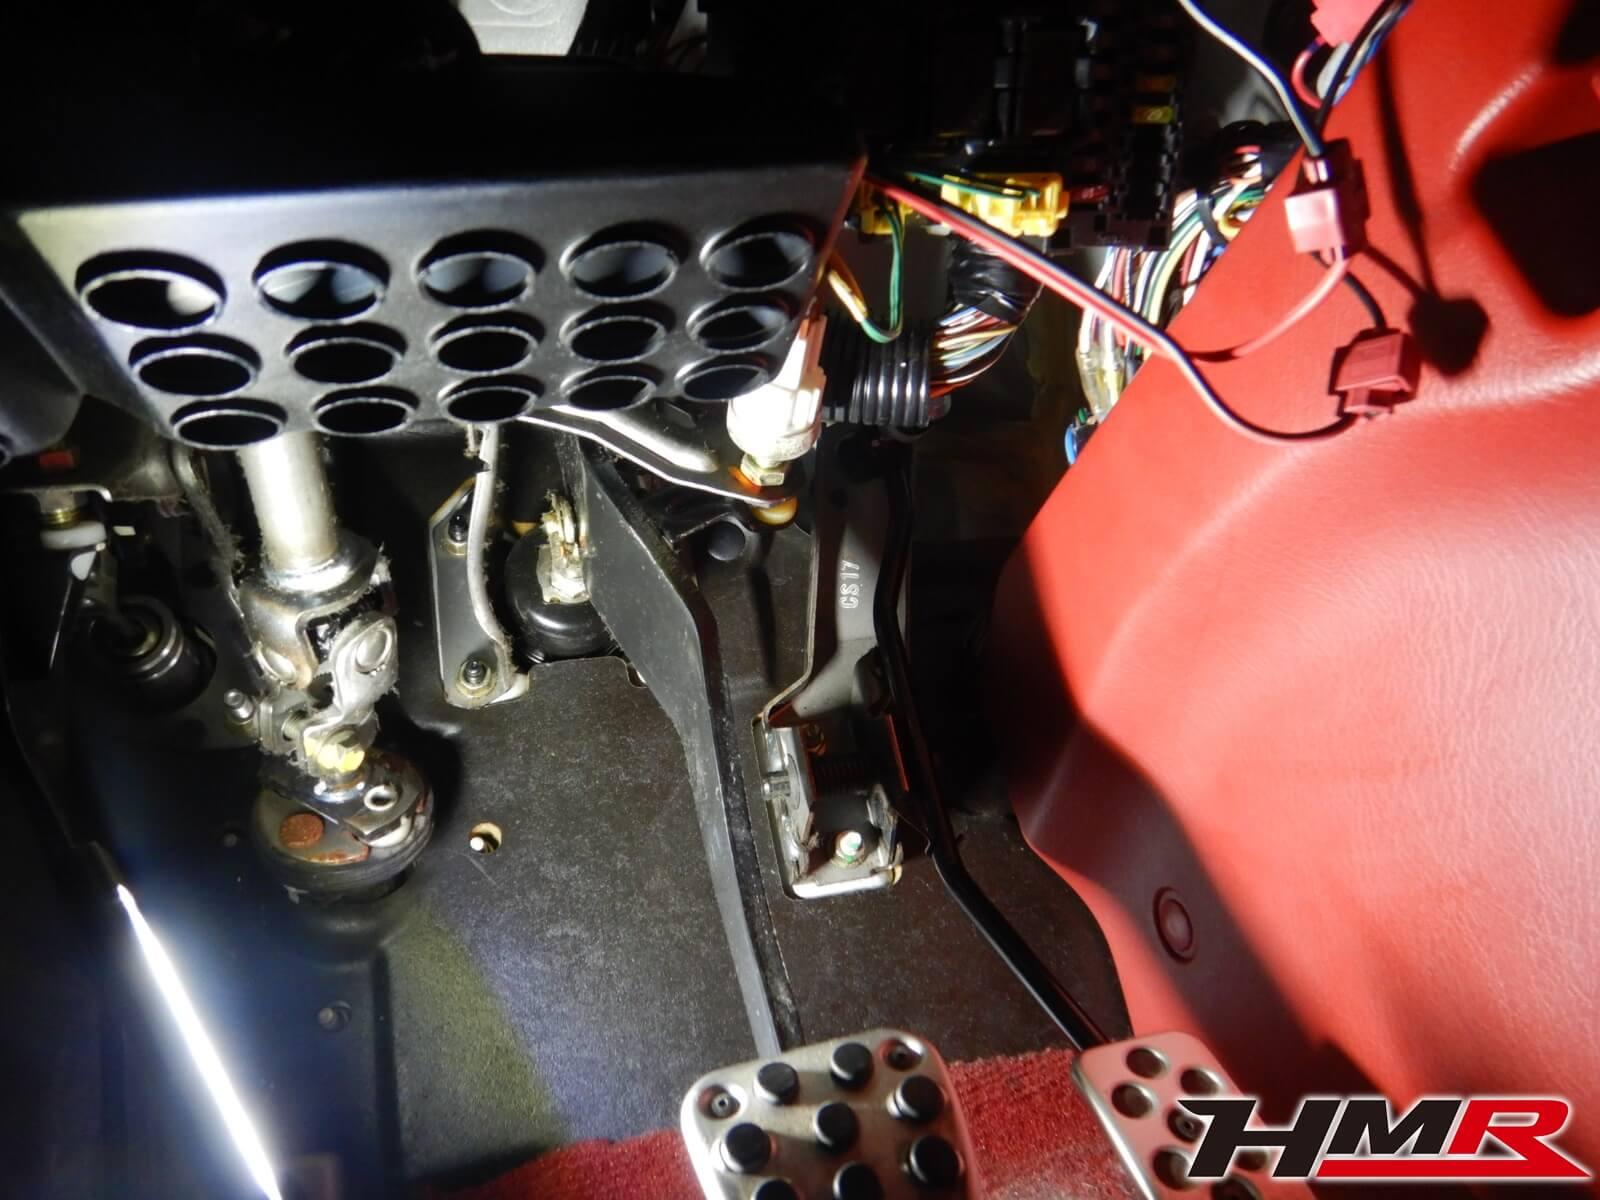 S2000(AP1) ブレーキスイッチストッパー交換